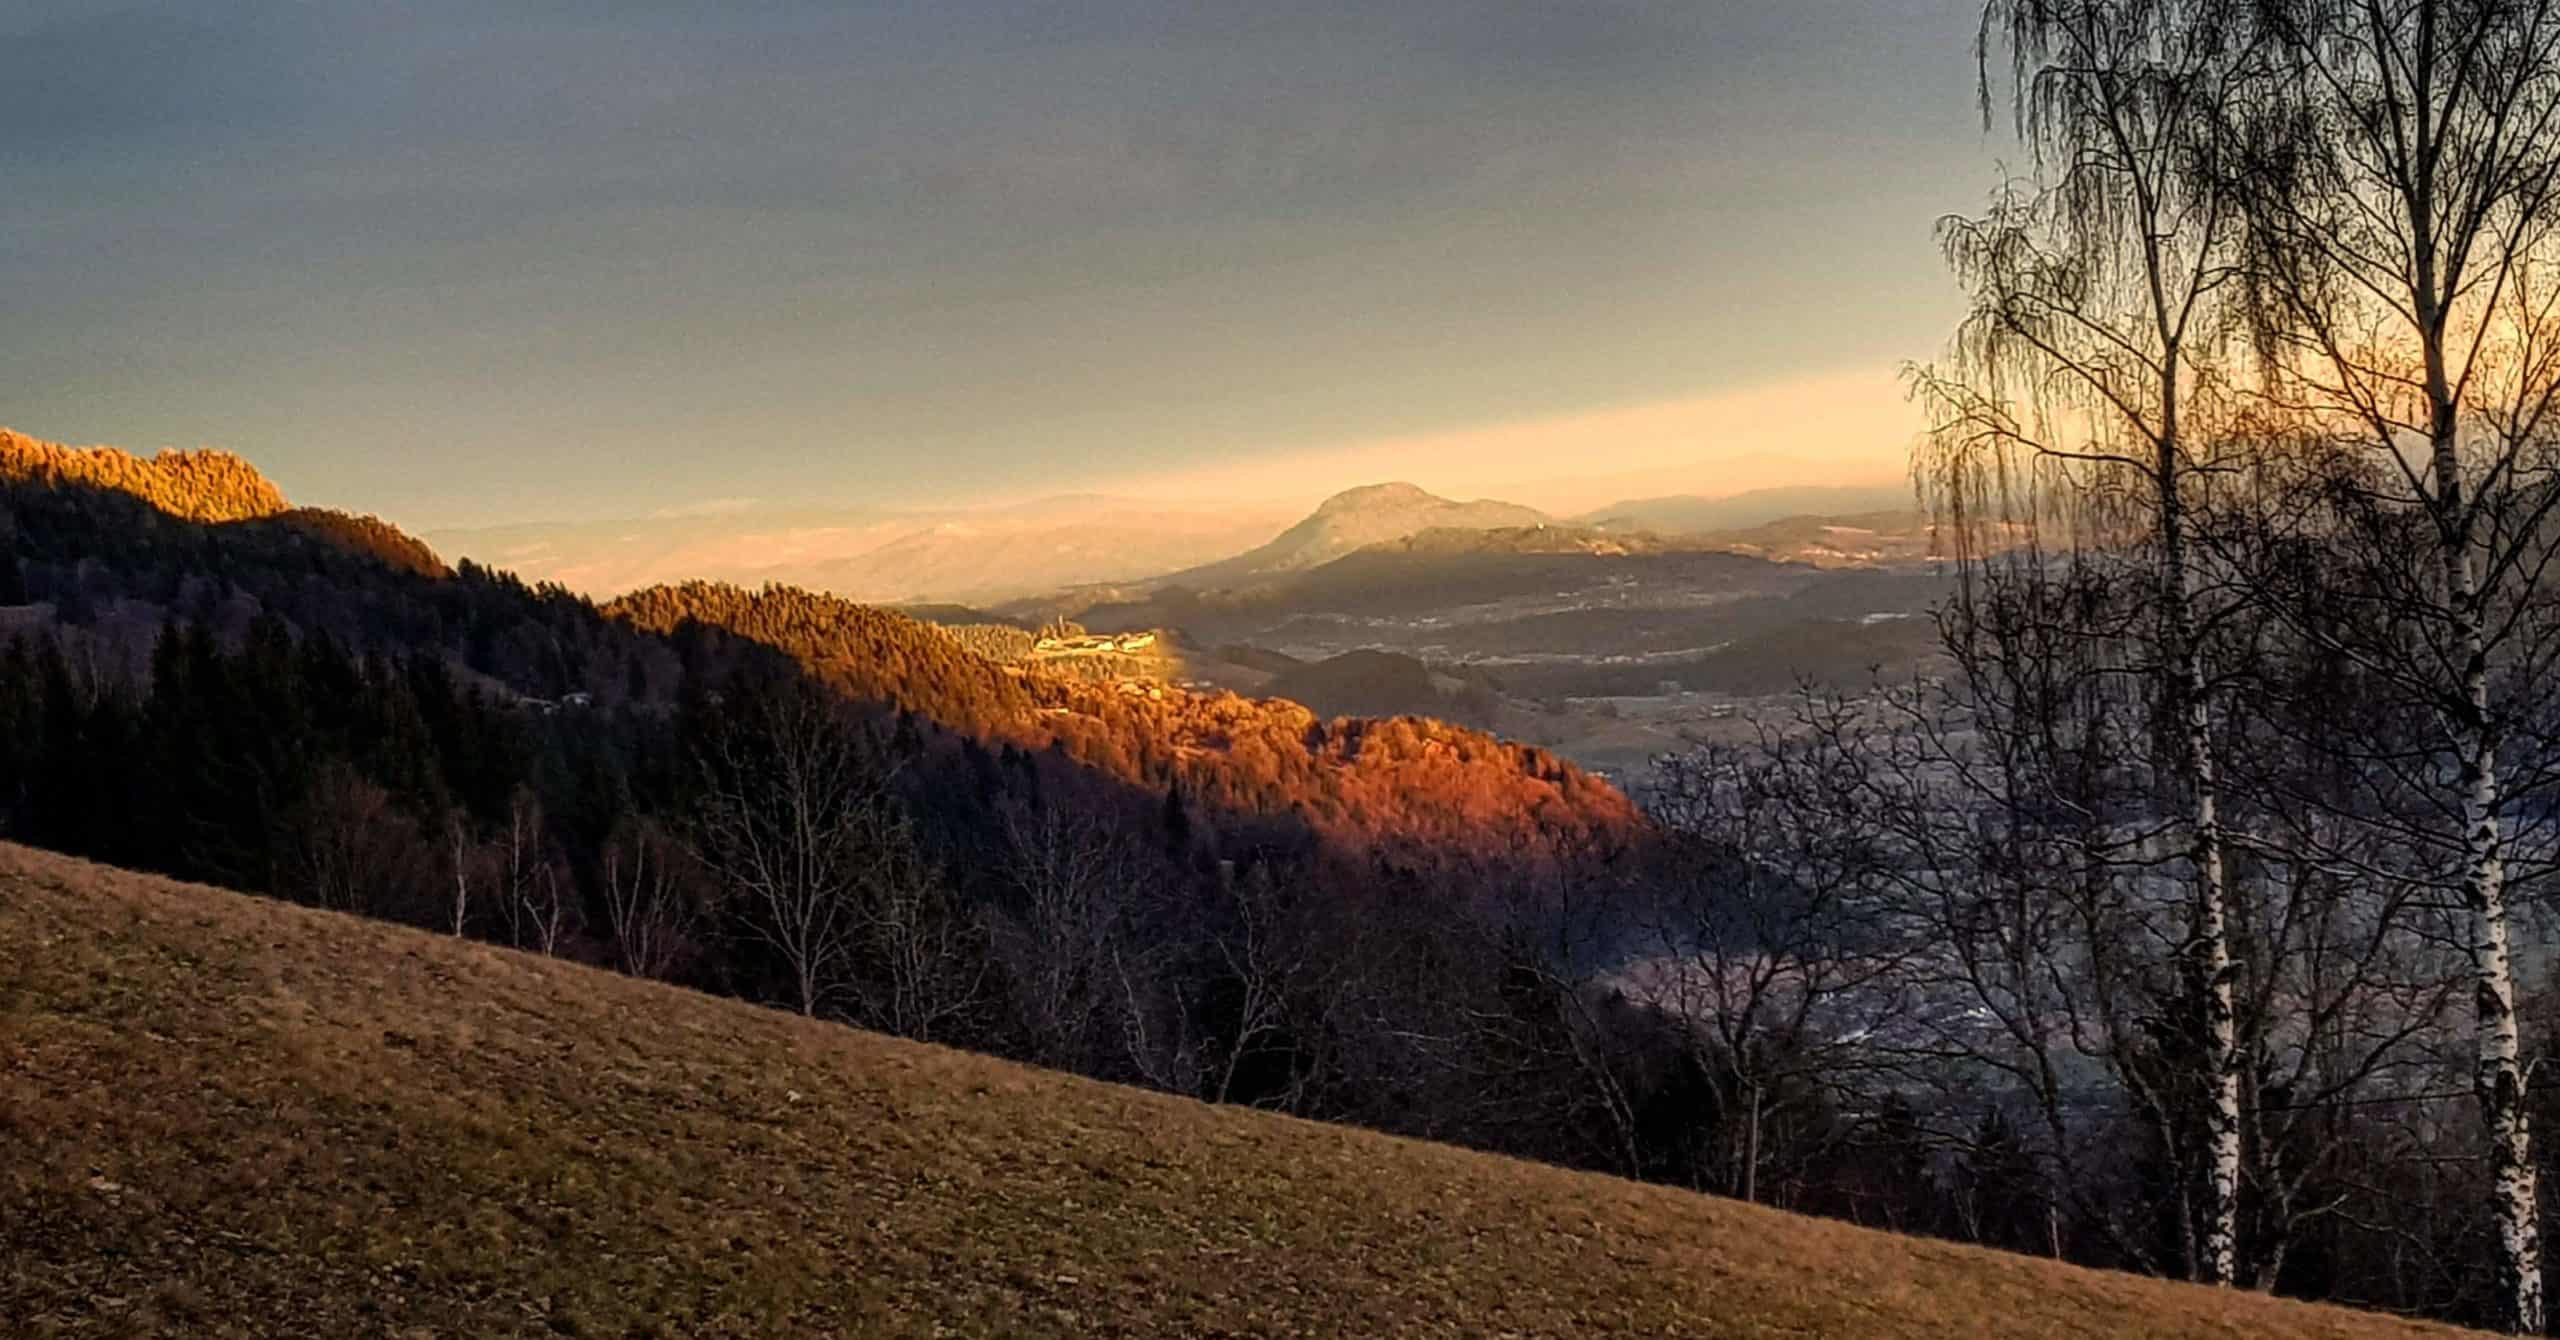 Winterwandern Region Villach - Faaker See - Ossiacher See mit Sonnenuntergang und Blick auf Feldkirchen in Kärnten